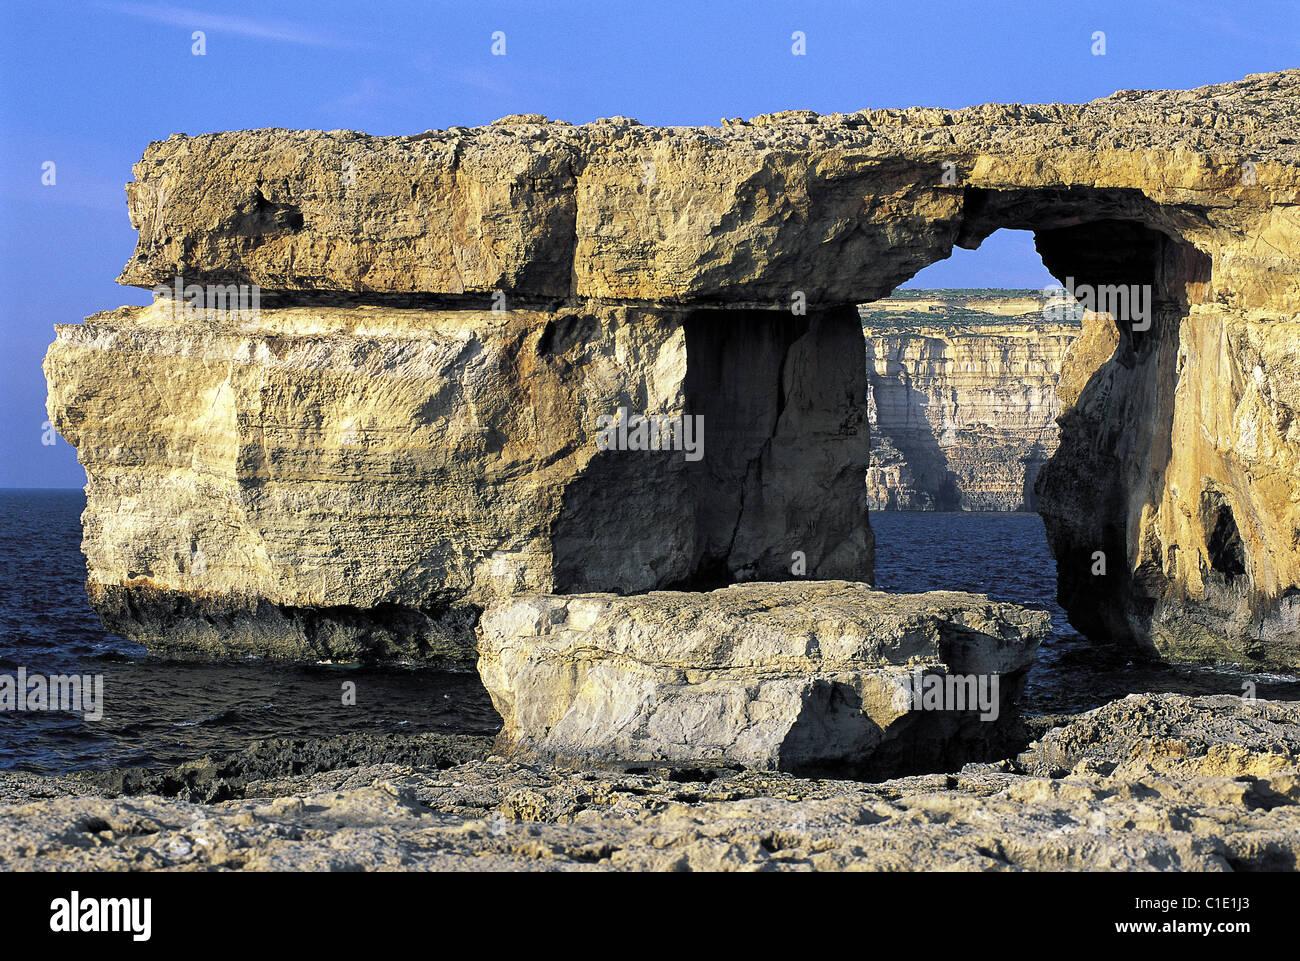 Malta, Gozo Island, natural arch into a cliff Stock Photo